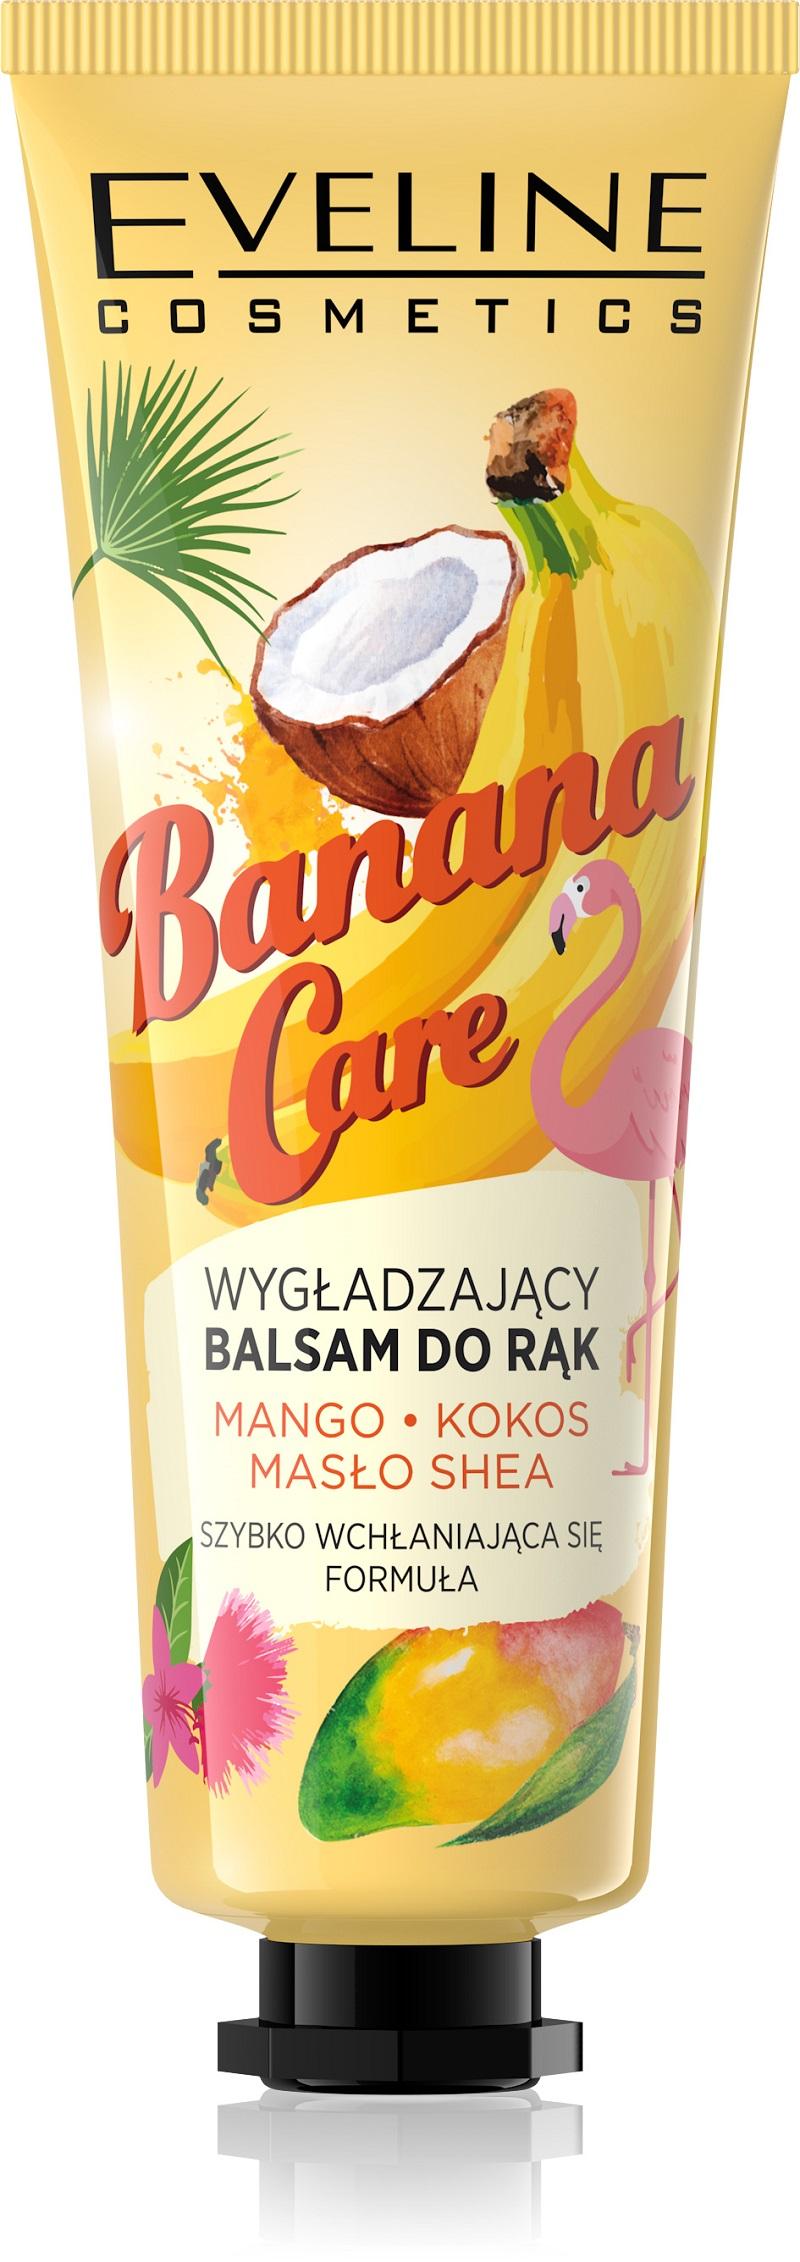 Wygładzający balsam do rąk Banana Care Eveline Cosmetics /INTERIA/materiały prasowe